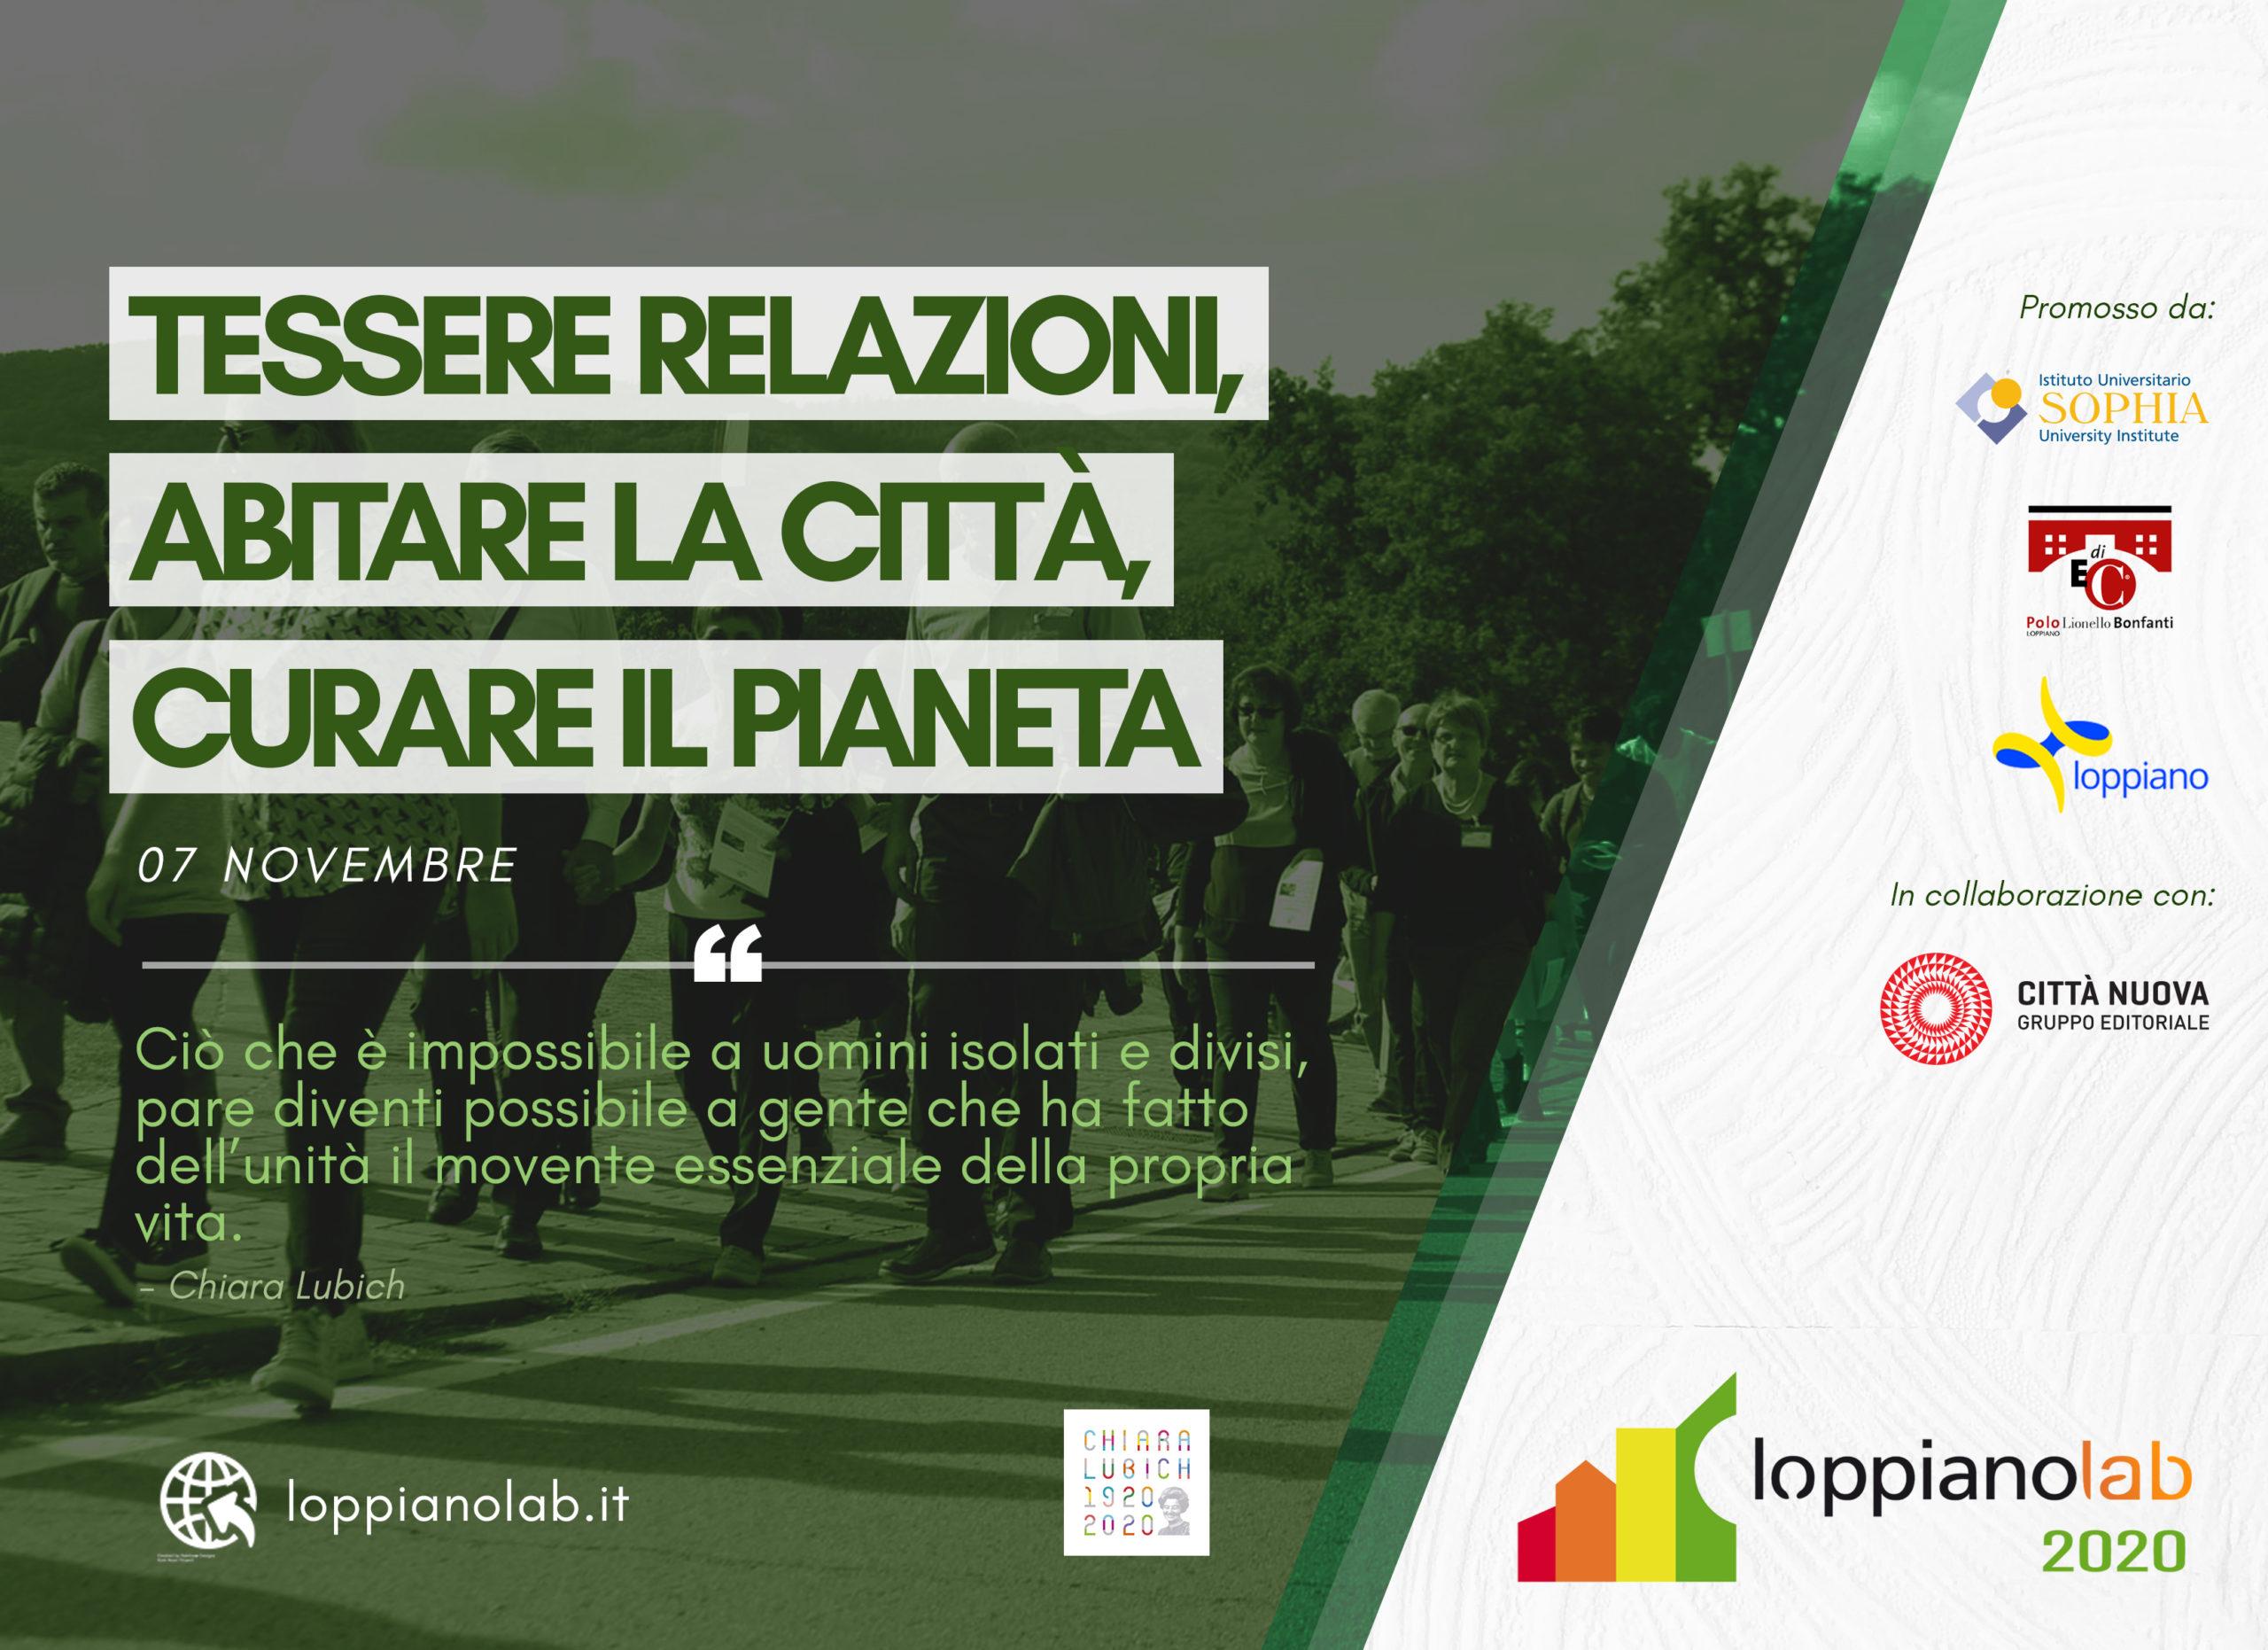 Loppianolab 2020 - 7 novembre